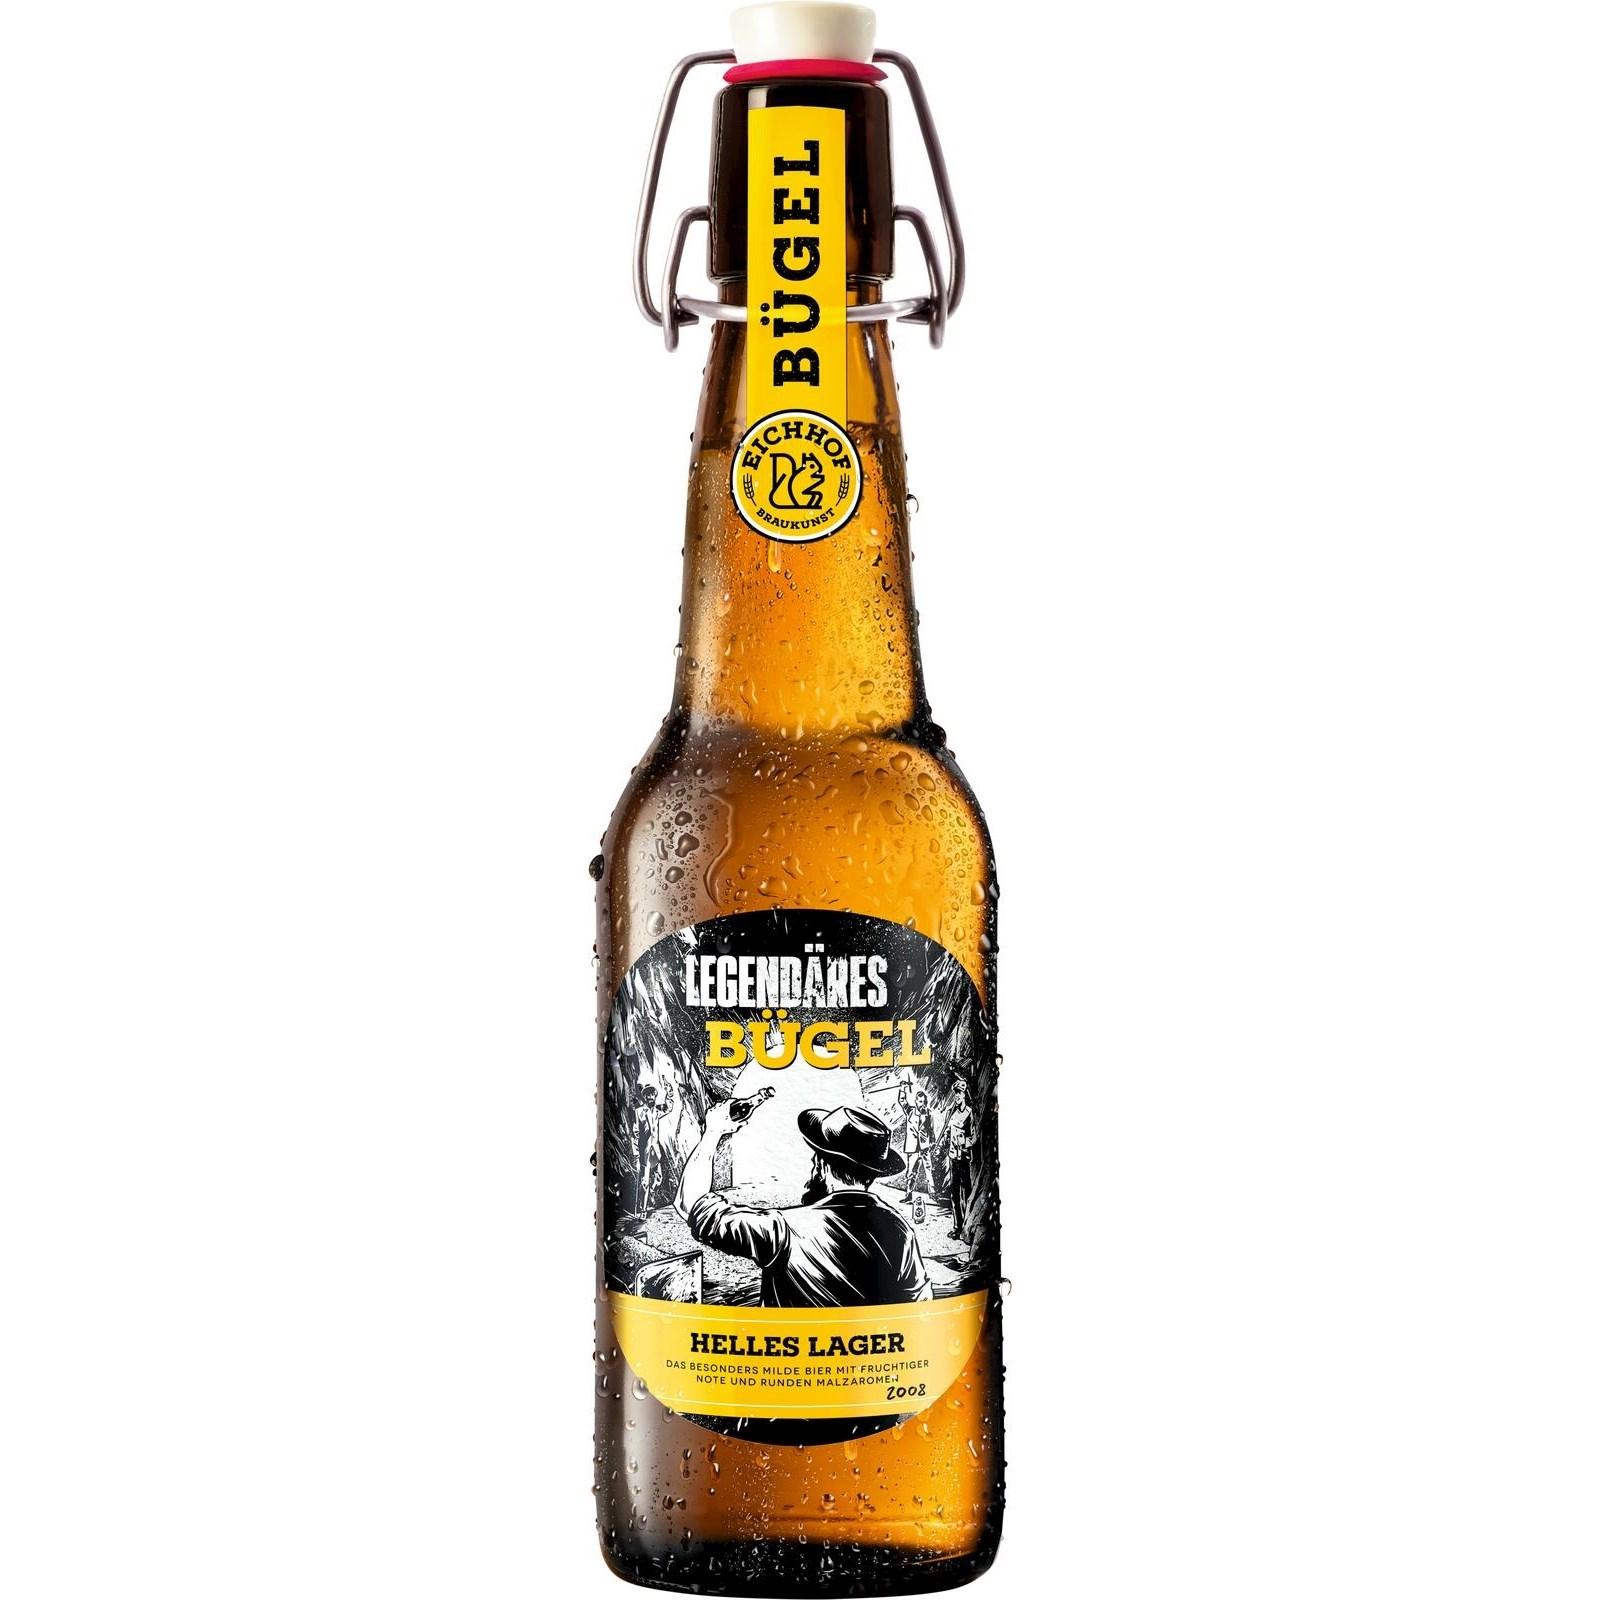 bier eichhof b gelbr u mw 40 cl biere mit alkohol landi. Black Bedroom Furniture Sets. Home Design Ideas